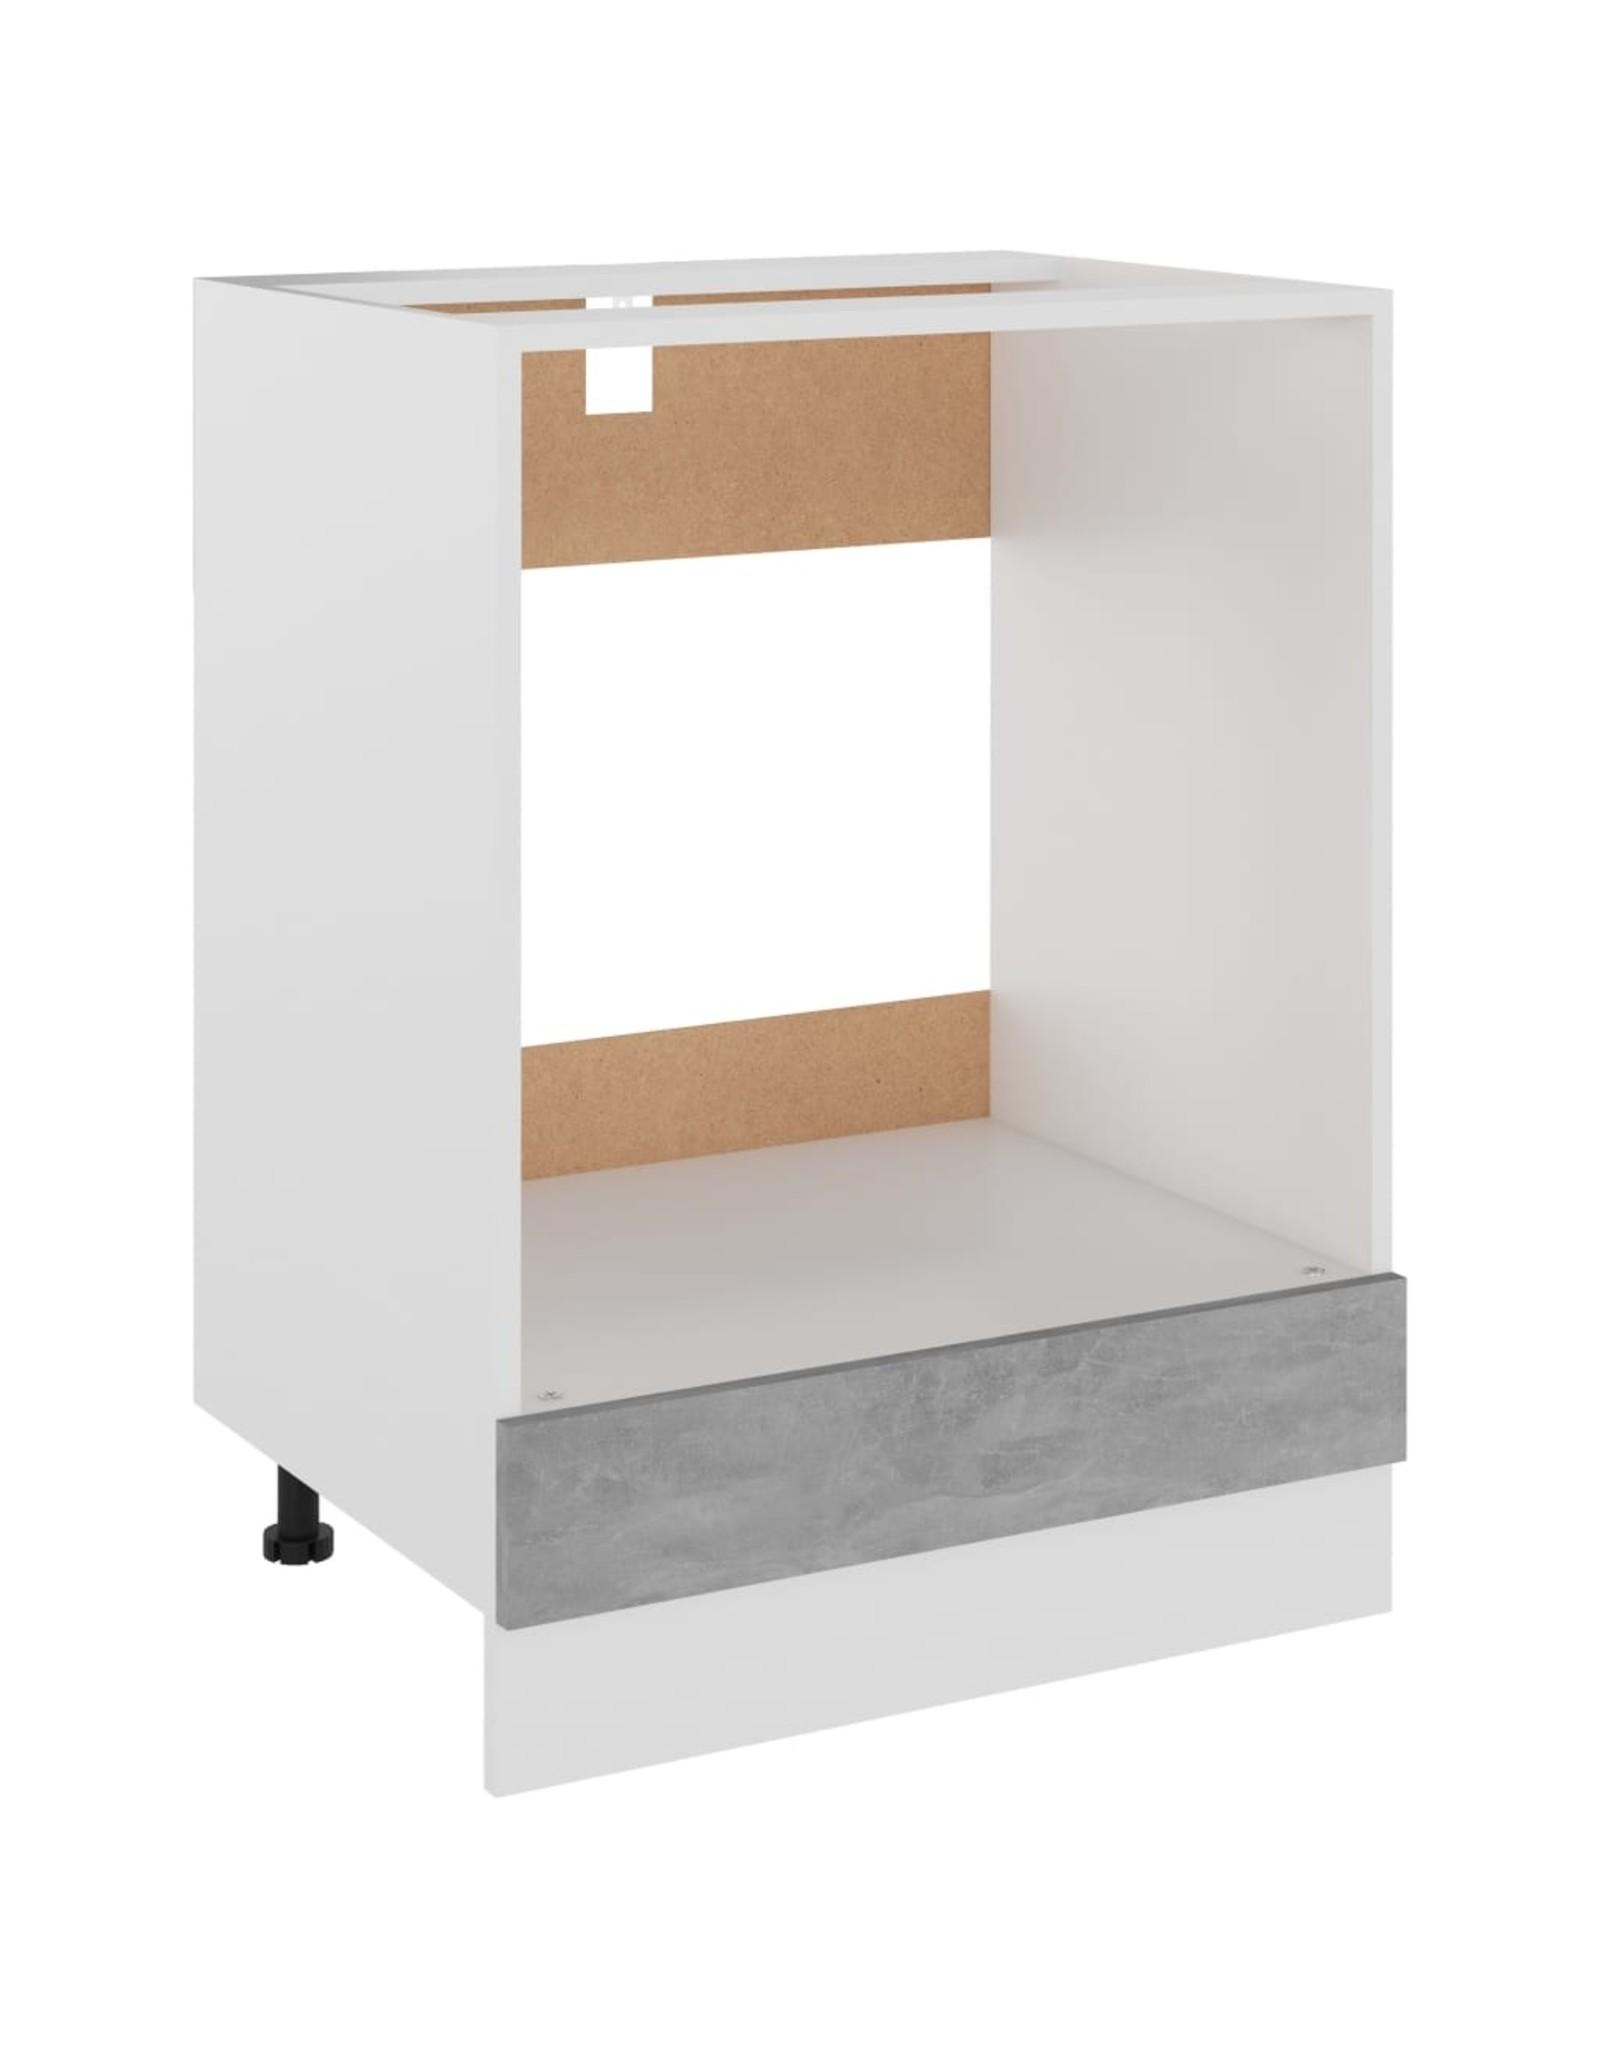 Ovenkast 60x46x81,5 cm spaanplaat betongrijs